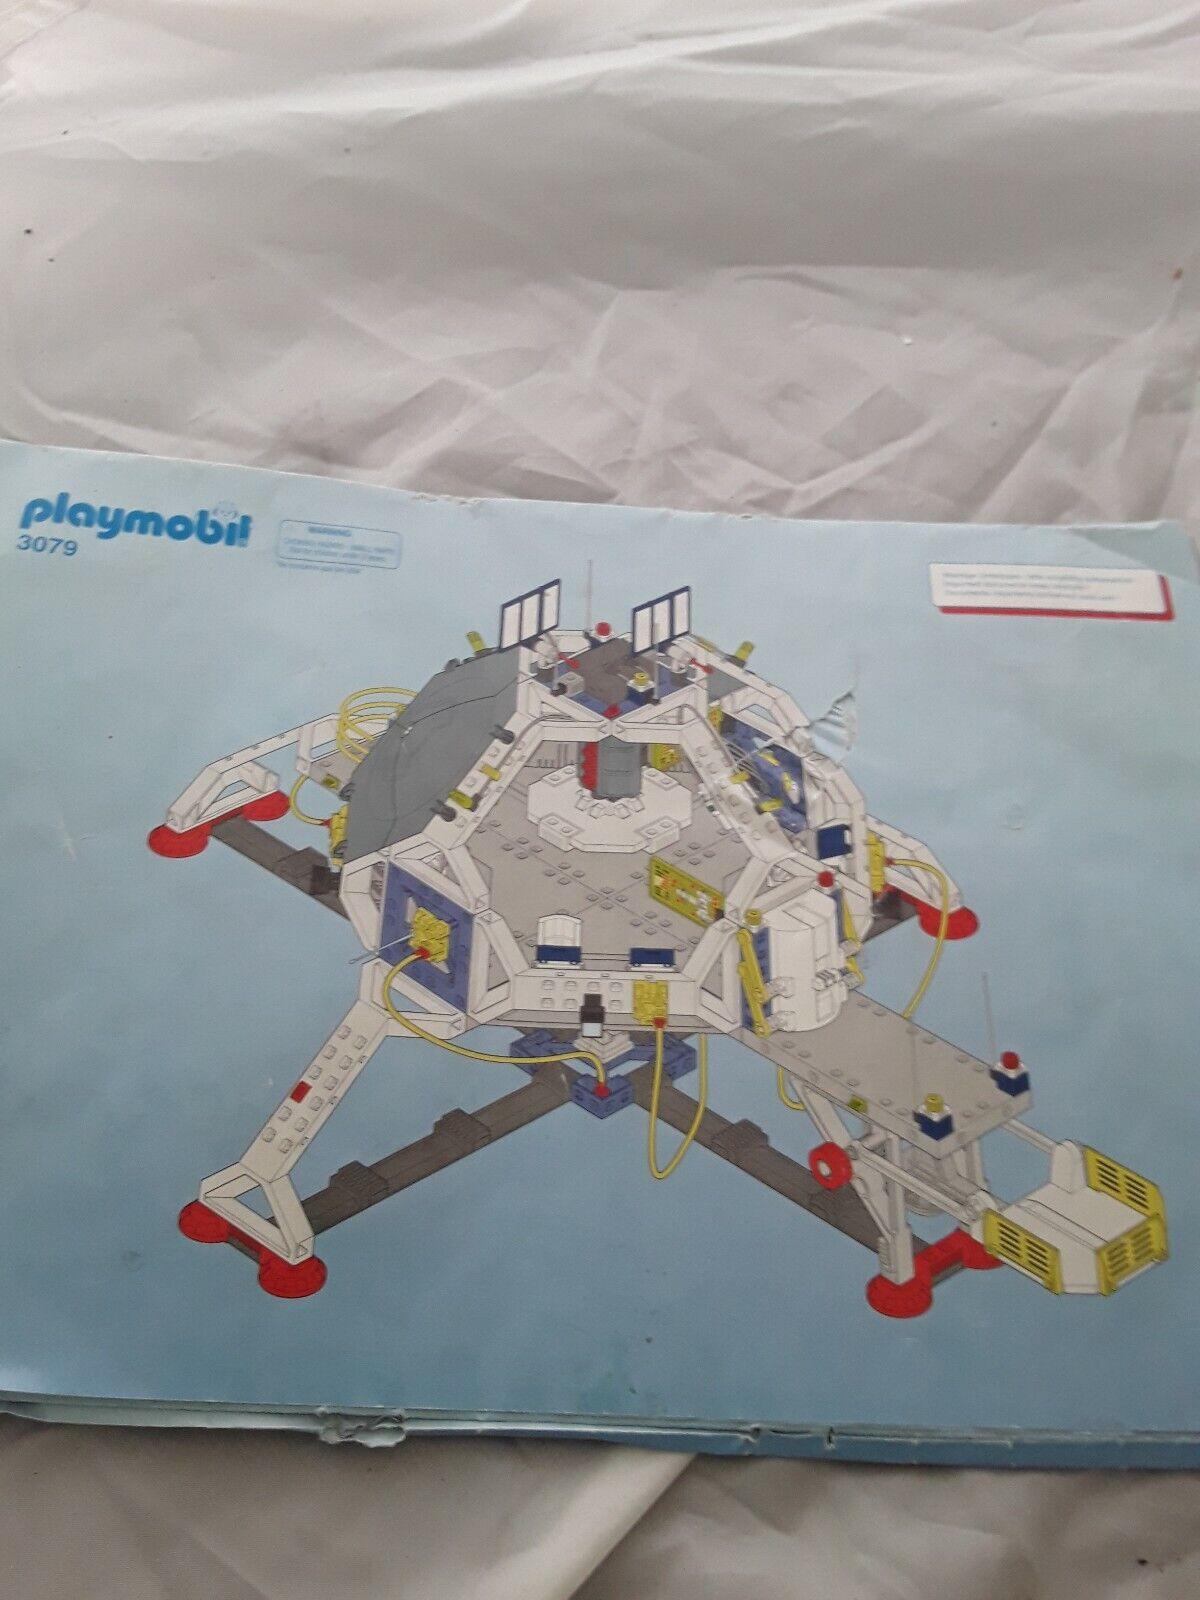 Playmobil 3079 Grosse Raumstation vom Jahr 1999 gebraucht